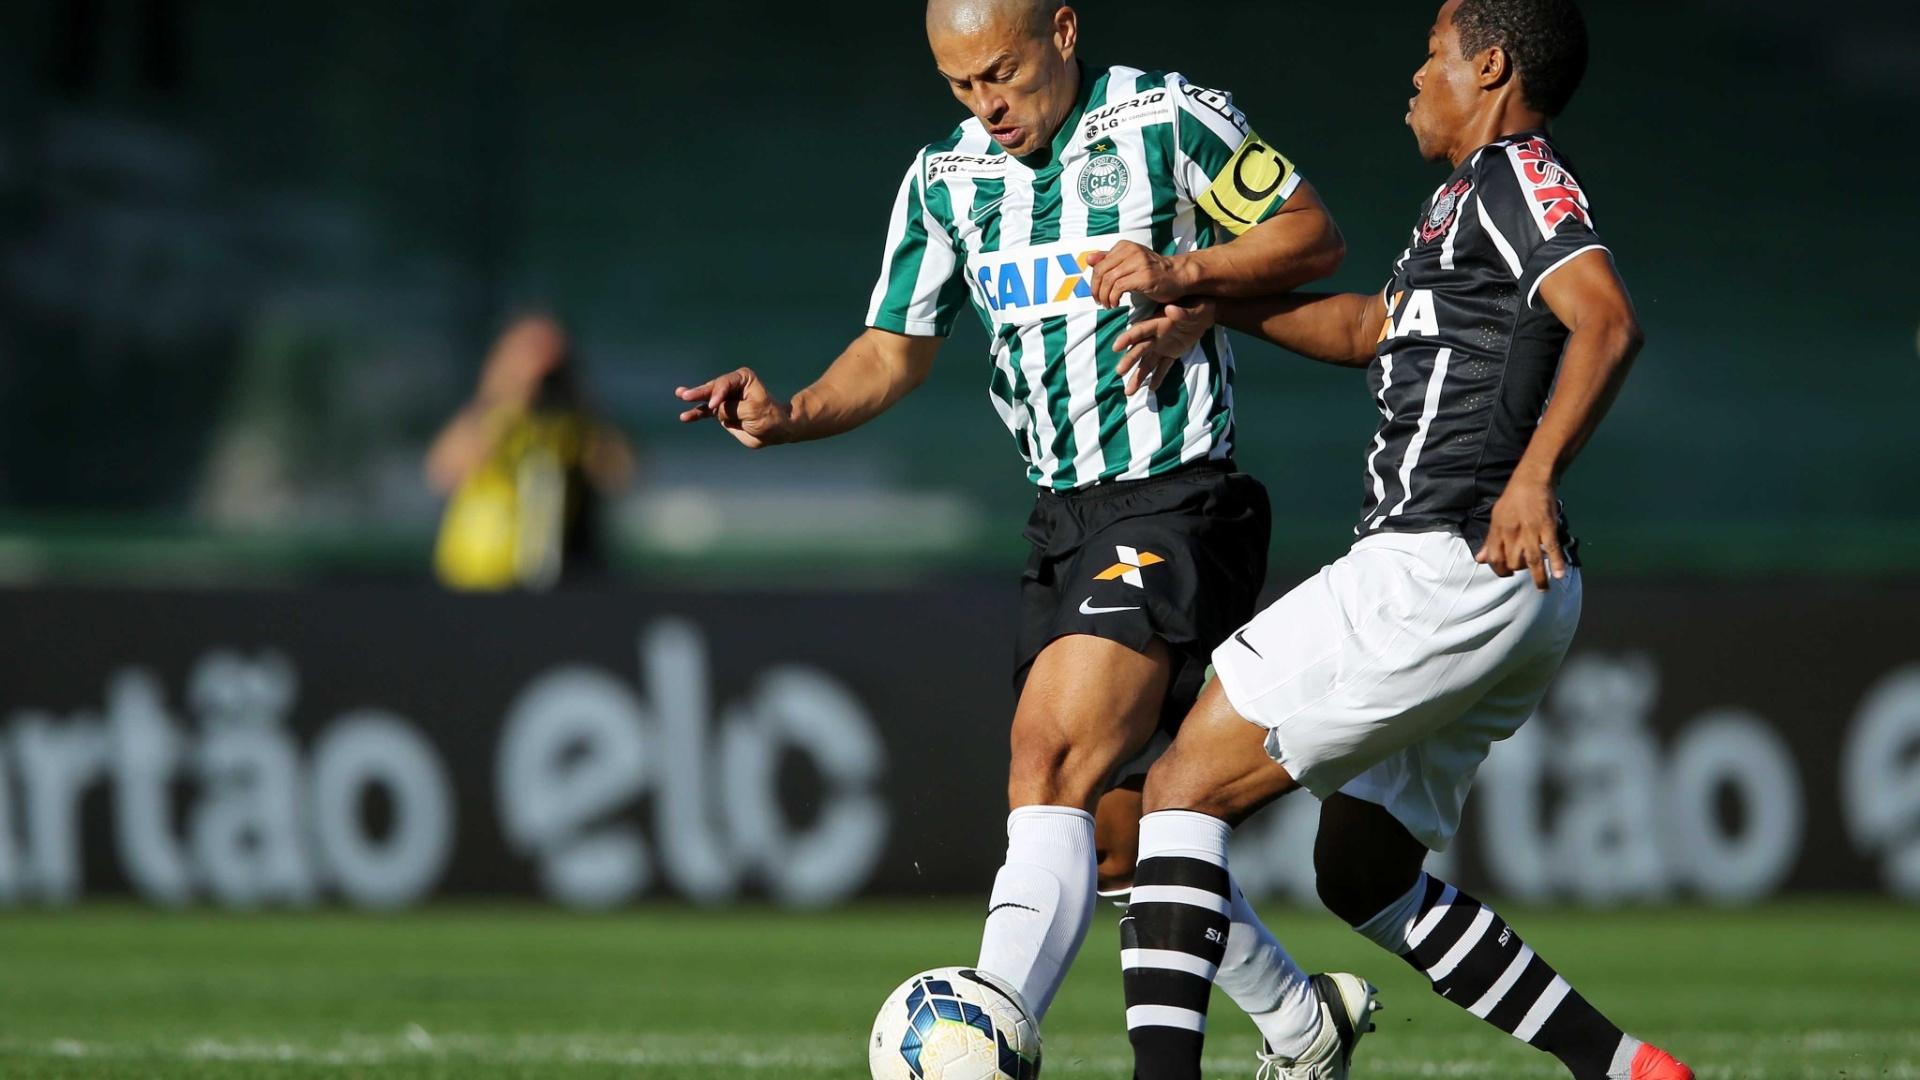 Alex encara a marcação de Elias no jogo entre Corinthians e Coritiba